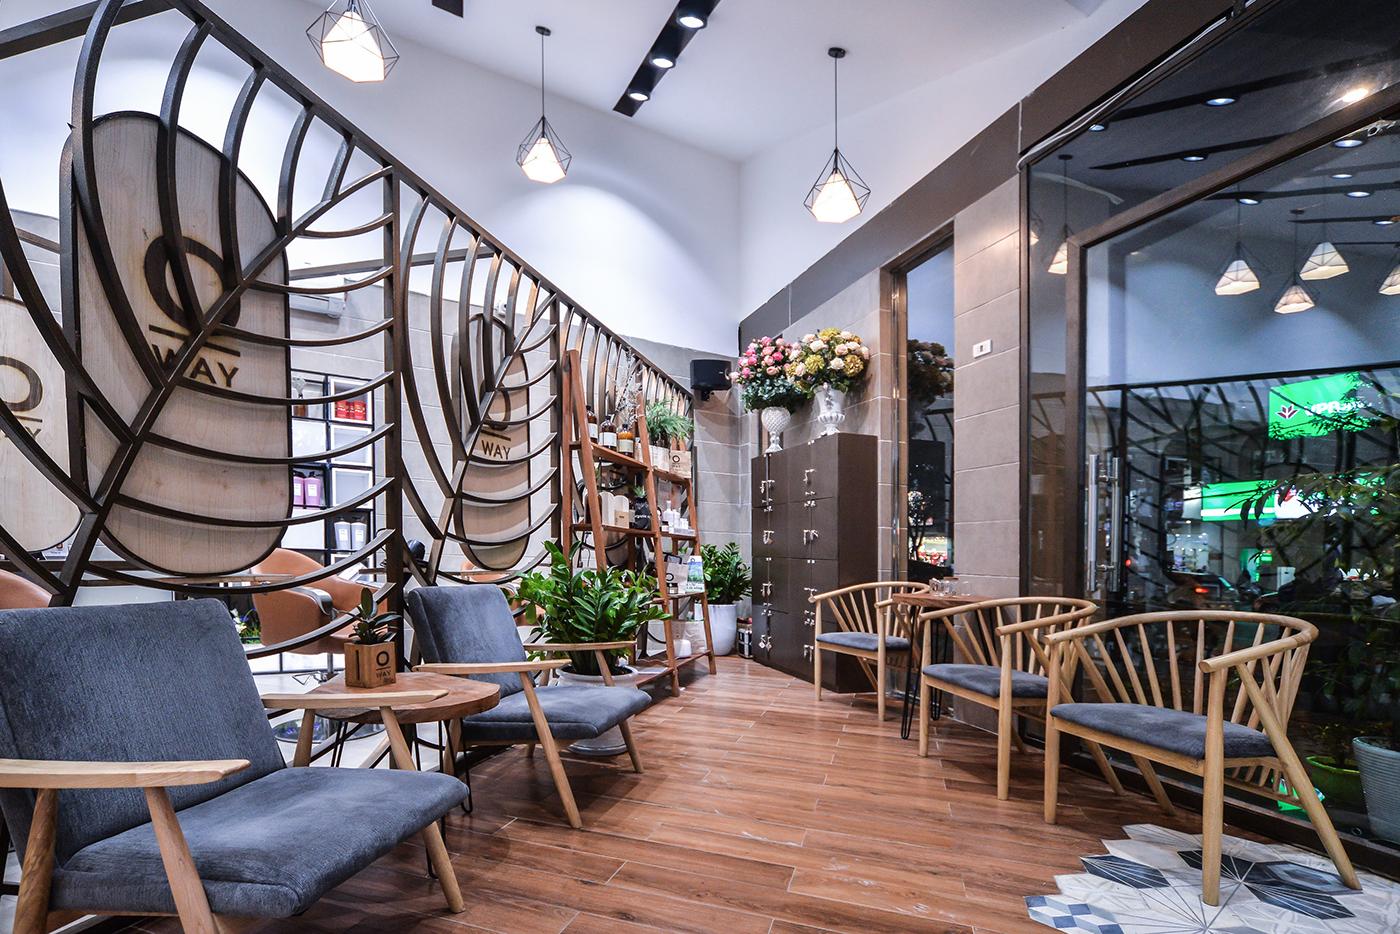 thiết kế nội thất Spa tại Nghệ An Thiết kế Tan's Hair Salon 4 1537501438